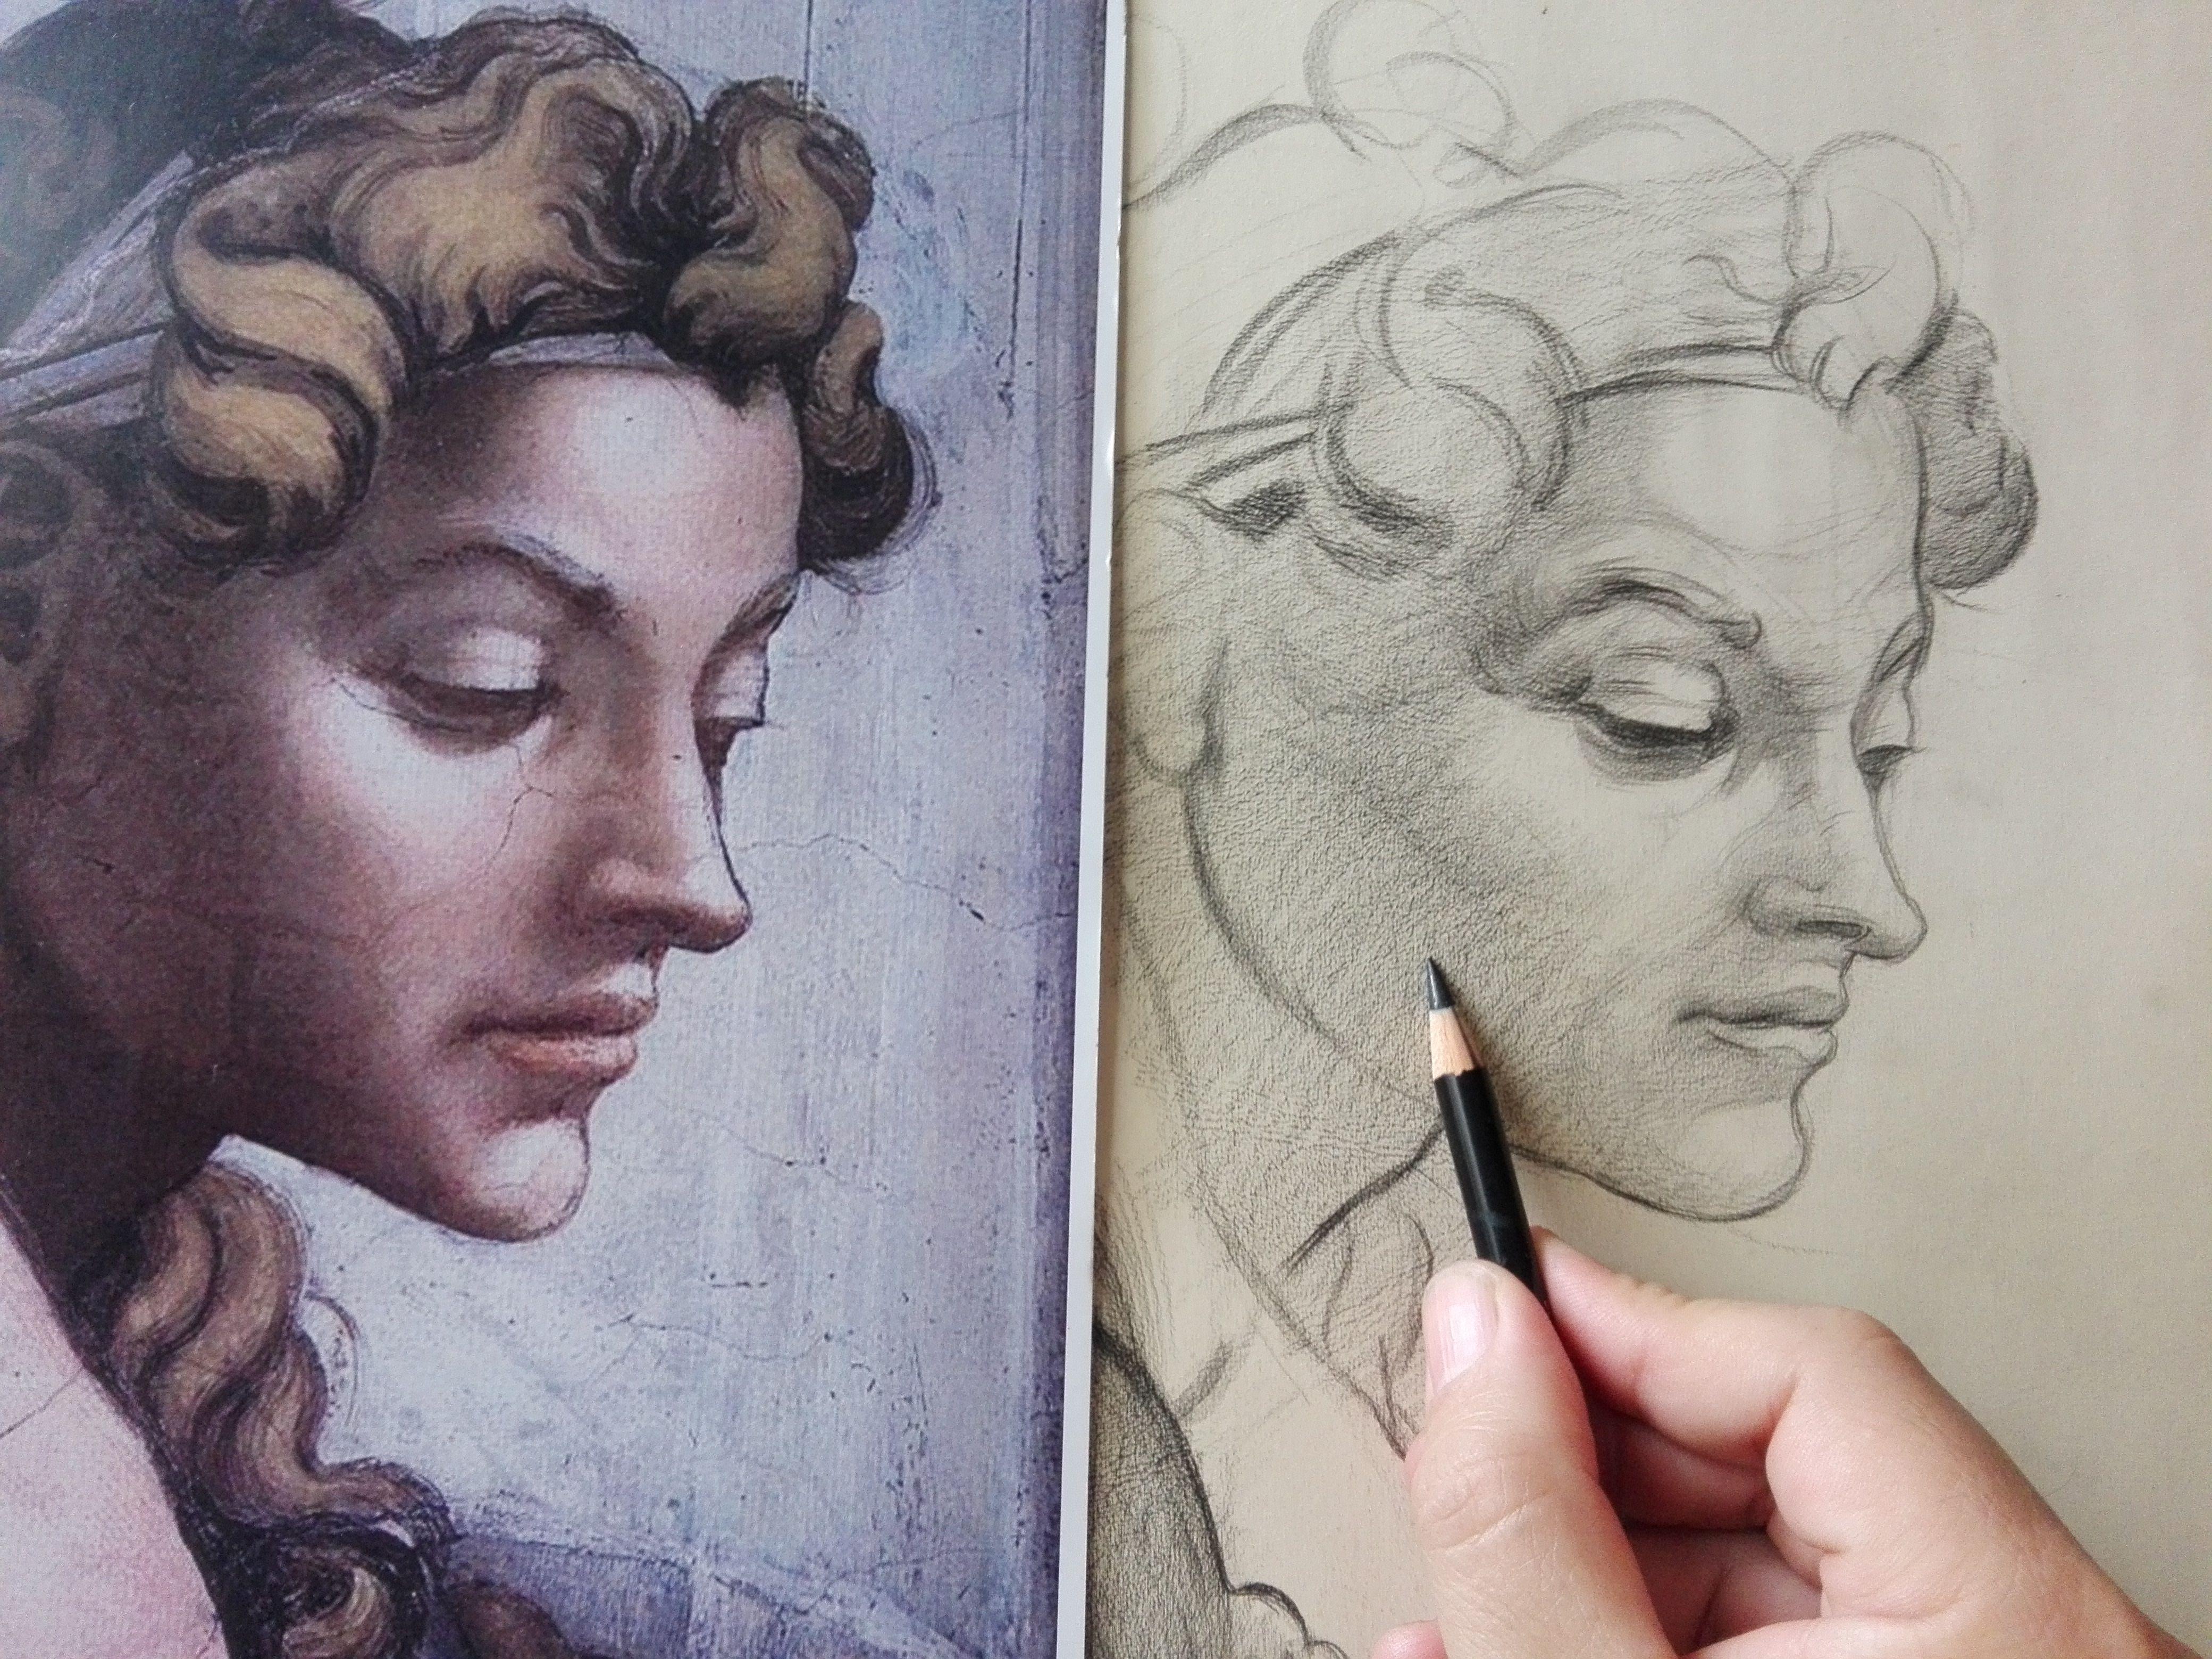 Miguel Angel Dibujo Clasico Y La Linea Serpentinata Arte Renacentista Pintura Angeles Dibujos Arte Renacentista